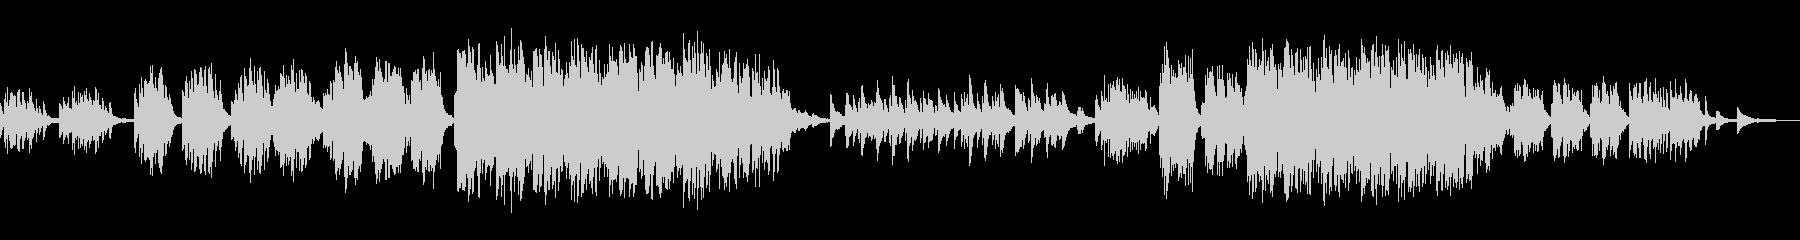 ピアノ ソロ バラードの未再生の波形